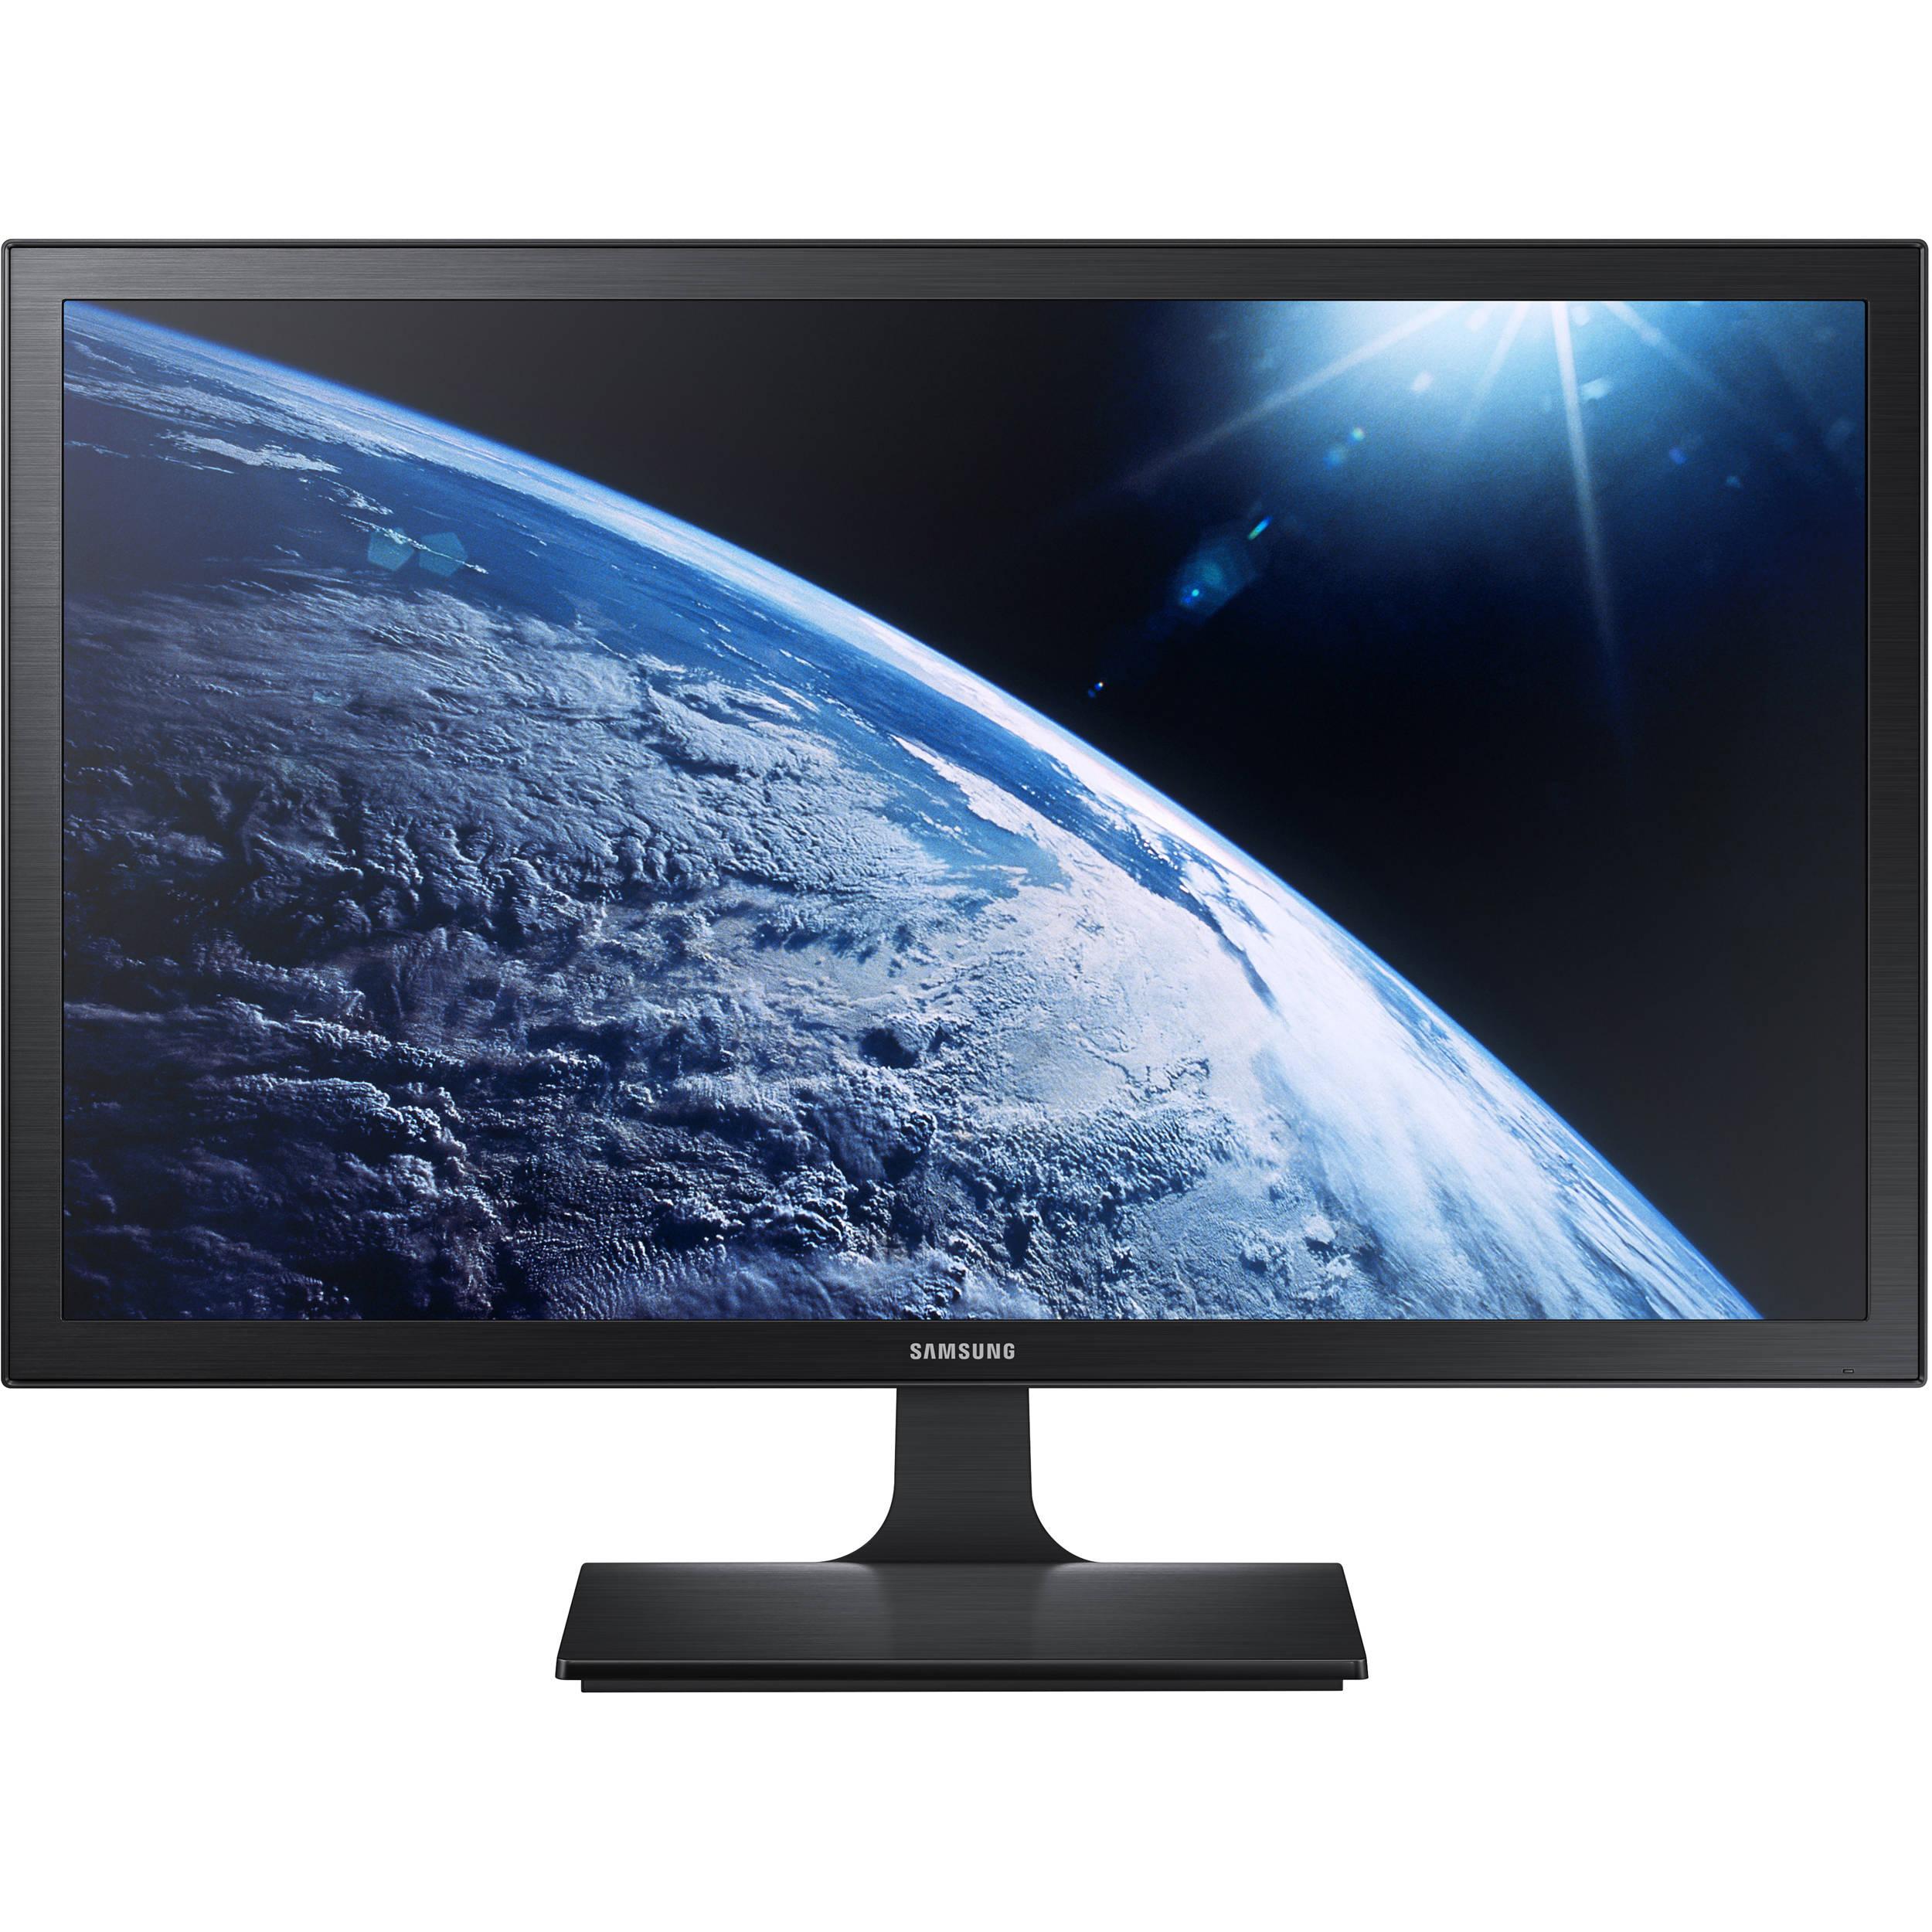 samsung s27e310h 27 16 9 lcd monitor ls27e310hzg za b h. Black Bedroom Furniture Sets. Home Design Ideas